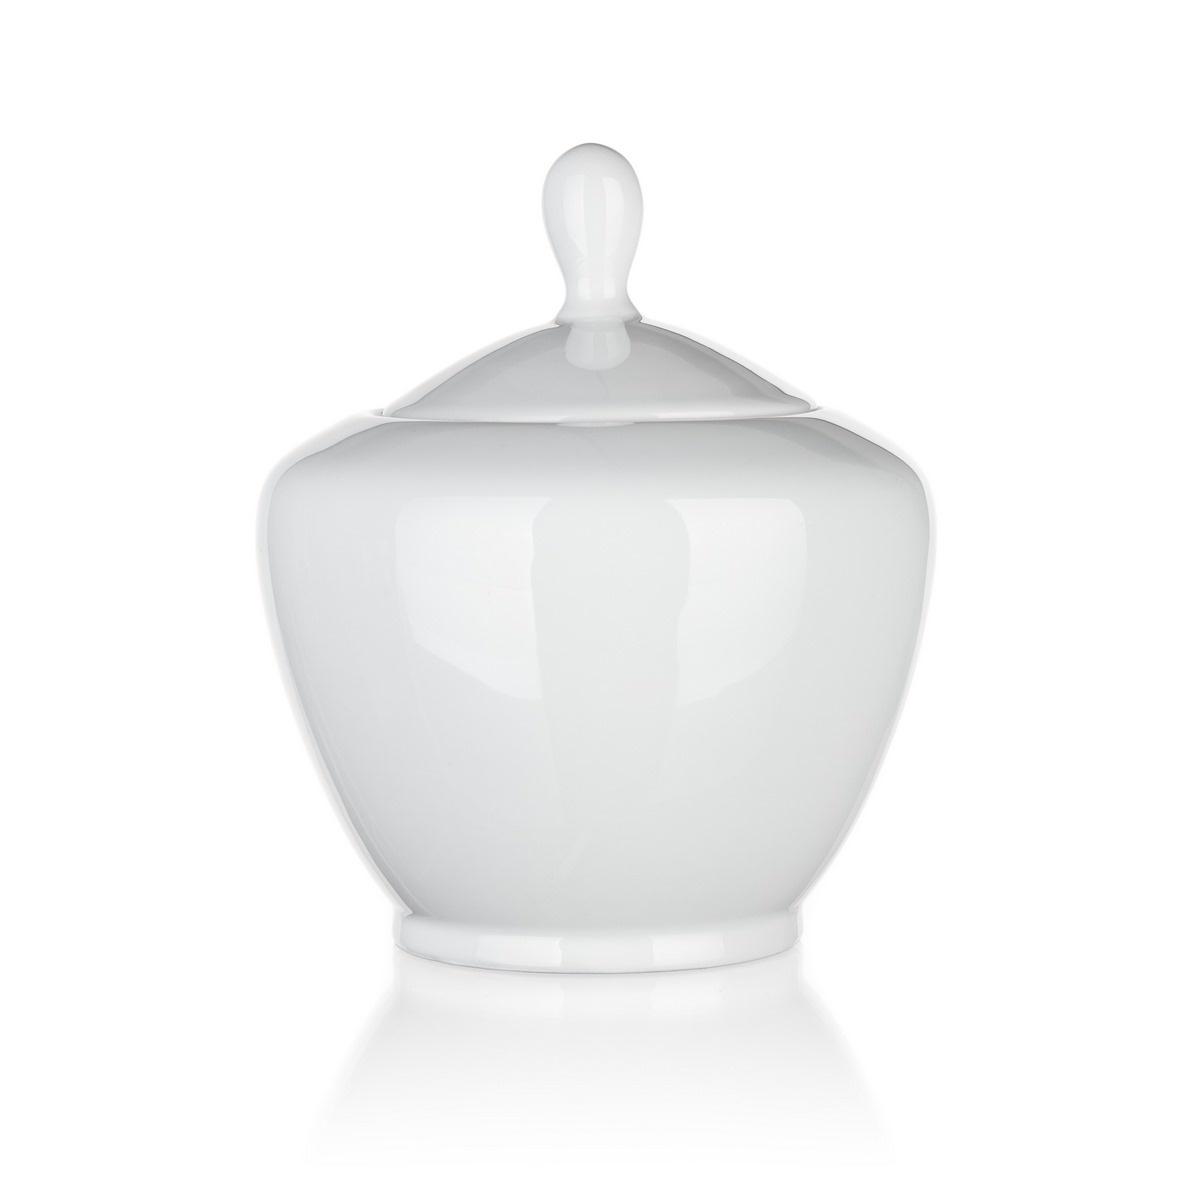 Banquet Porcelánová cukřenka RITA, 250 ml